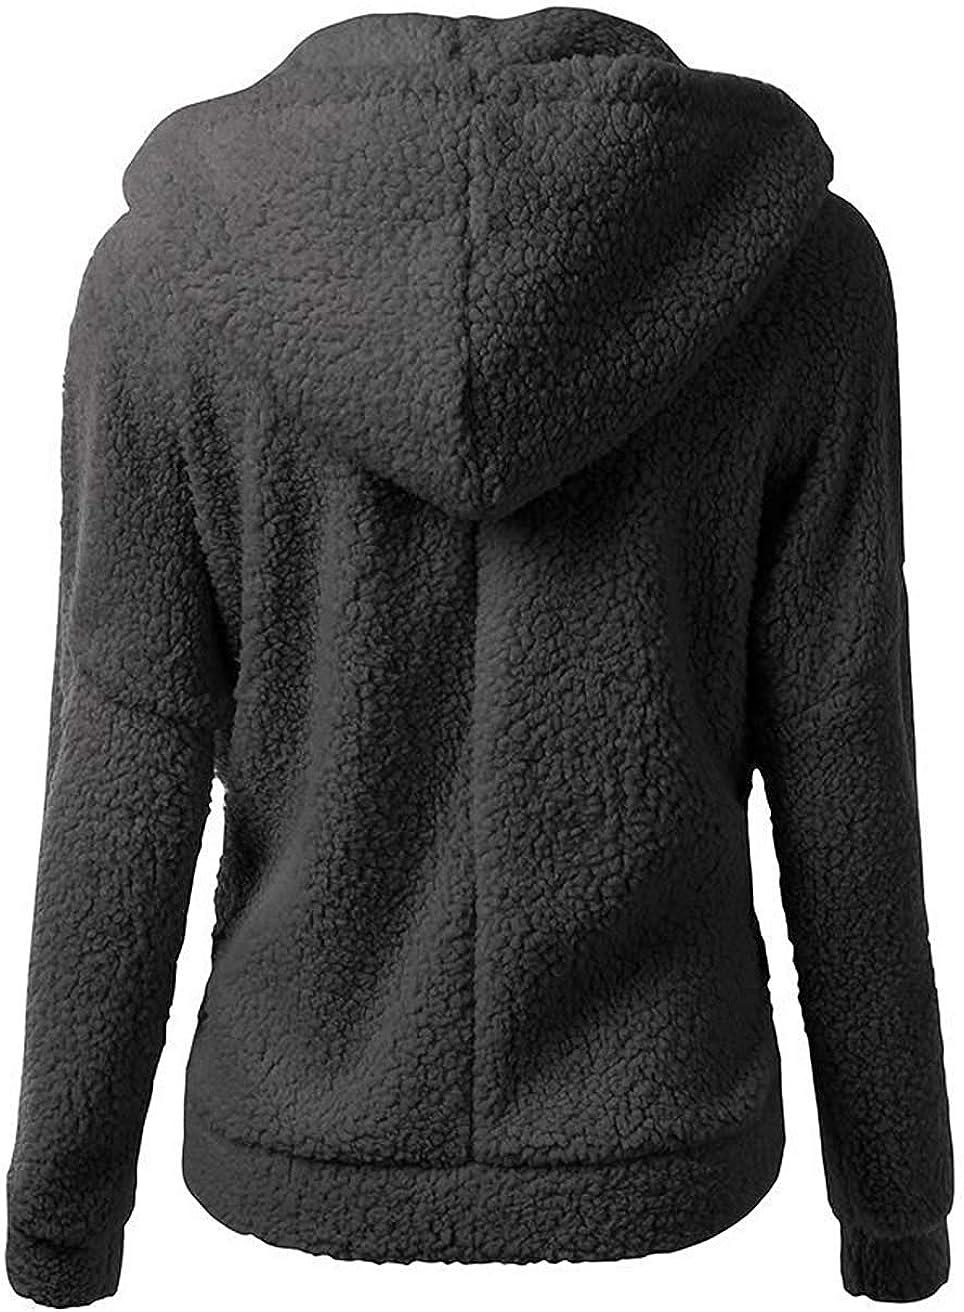 NREALY Womens Hooded Sweatshirt Coat Winter Warm Wool Zipper Pockets Cotton Coat Outwear